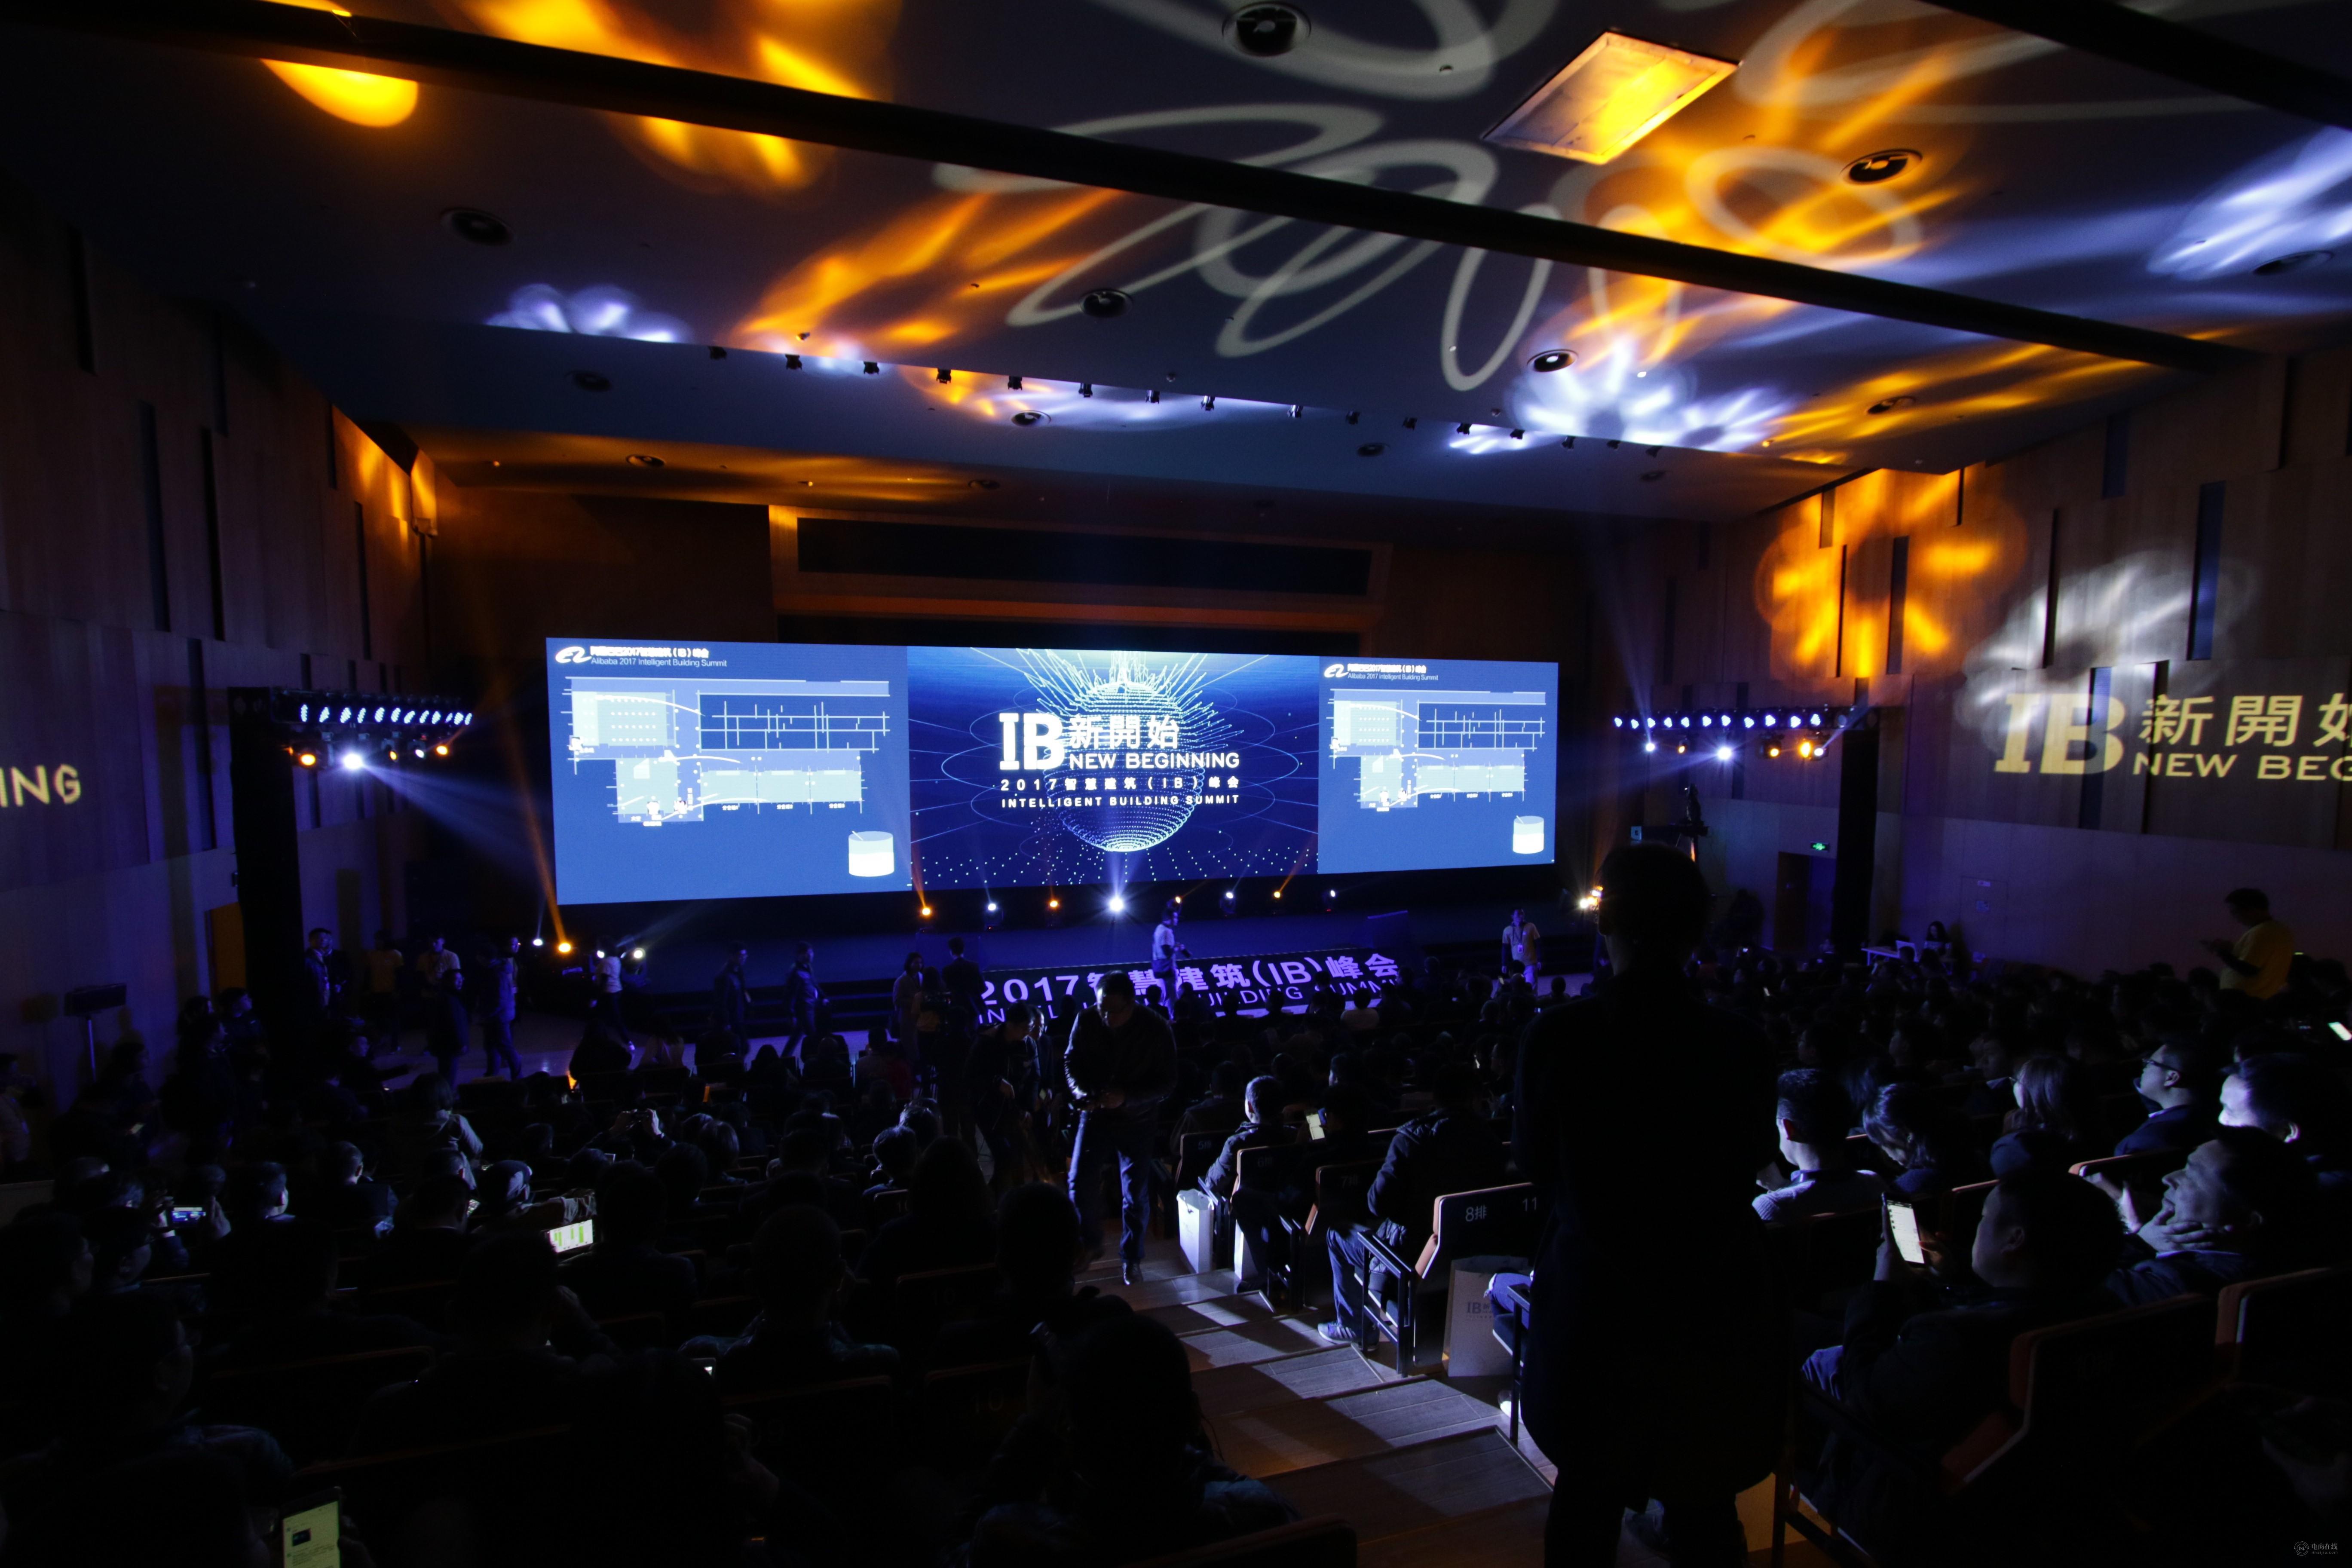 阿里巴巴智慧建筑(IB)峰会 ,与筑梦者共建新生态-BIMBANK